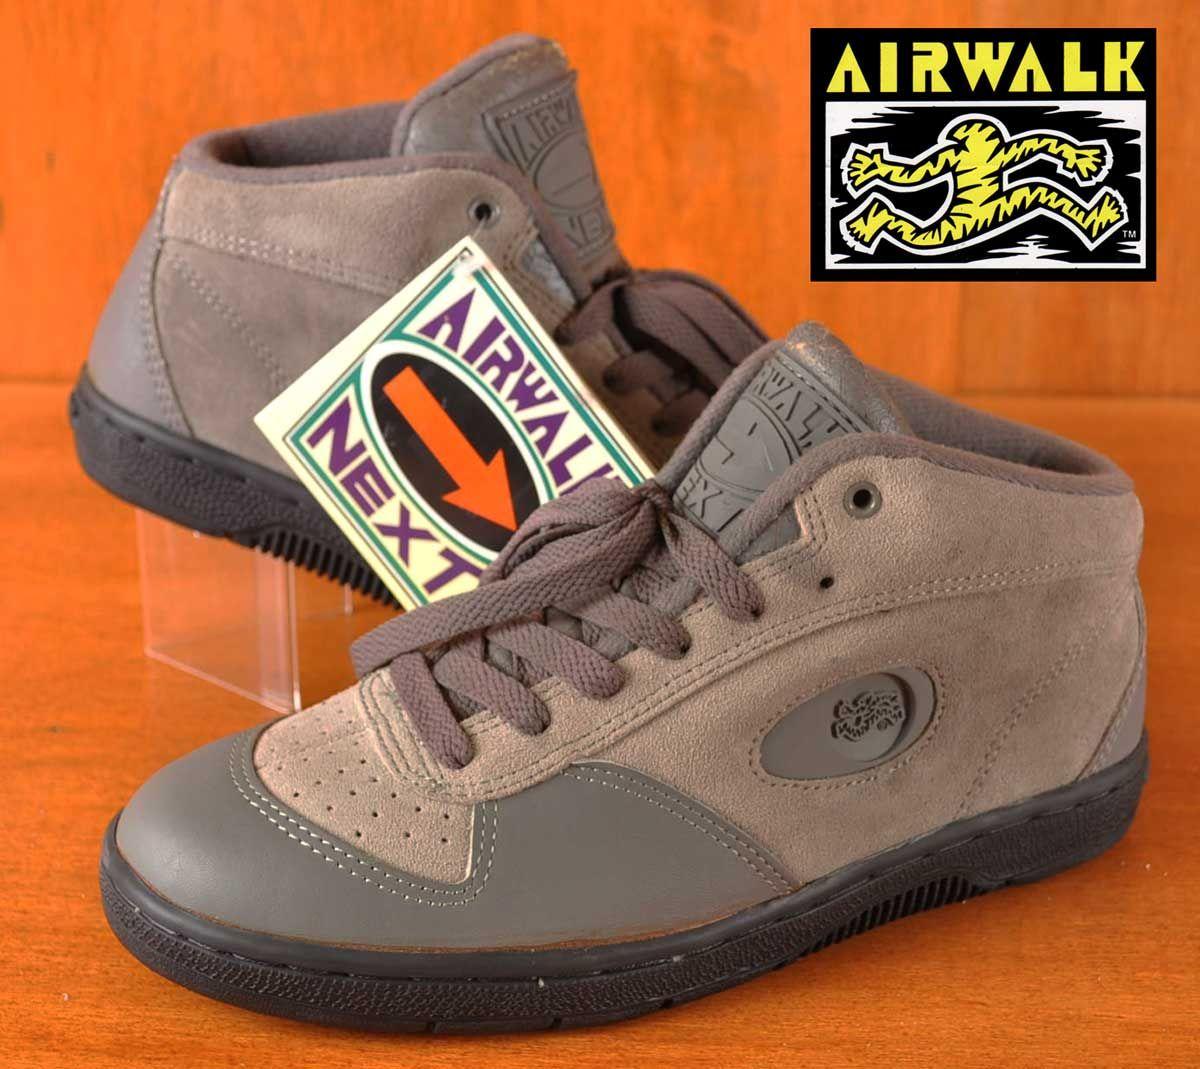 Image result for airwalk vintage shoes